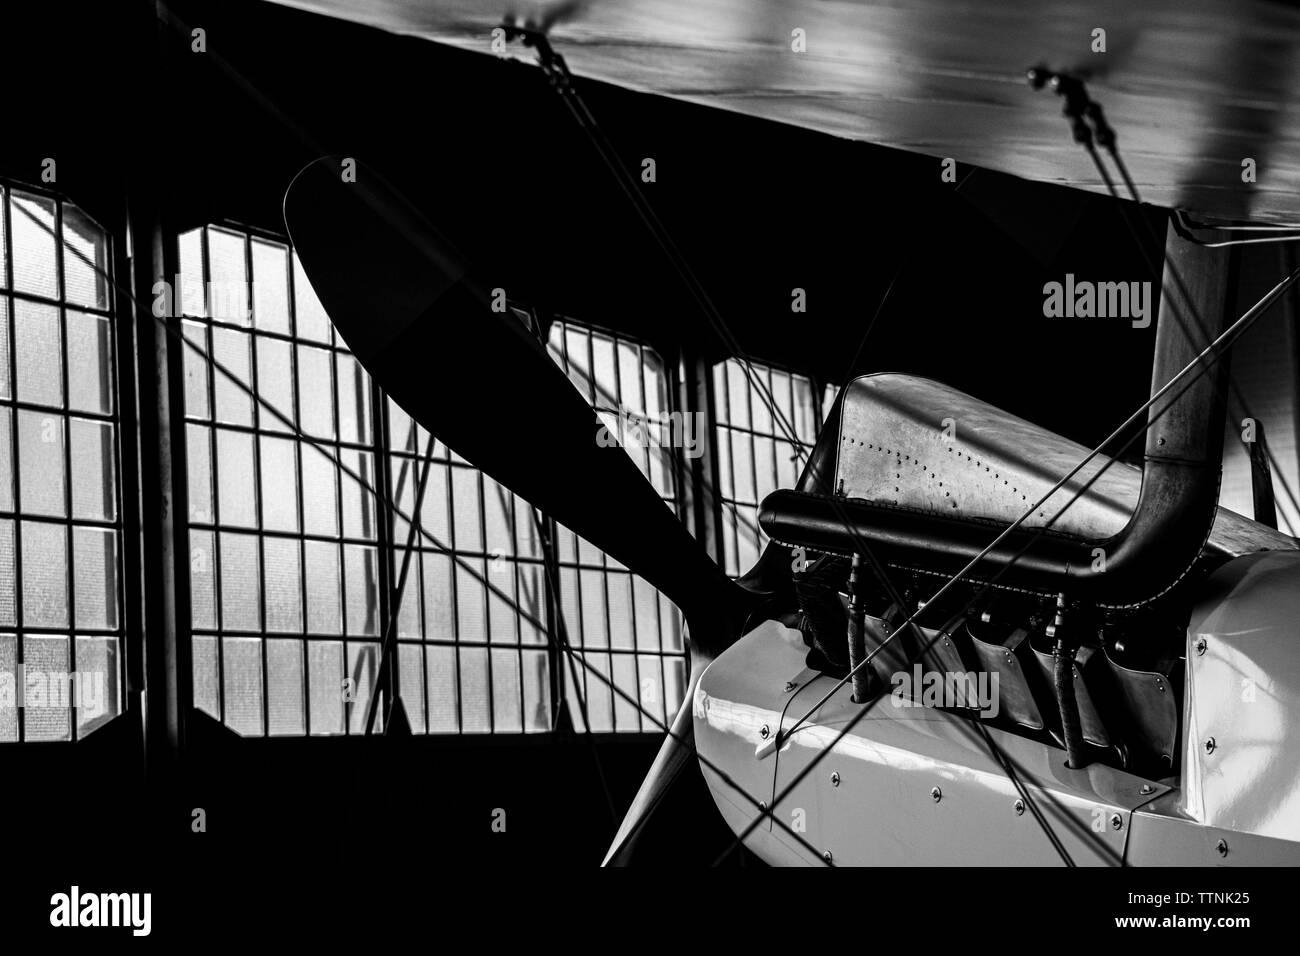 Albatros D.Va replica German Historic bi-plane silhouette / rim-lit inside a hangar - Stock Image